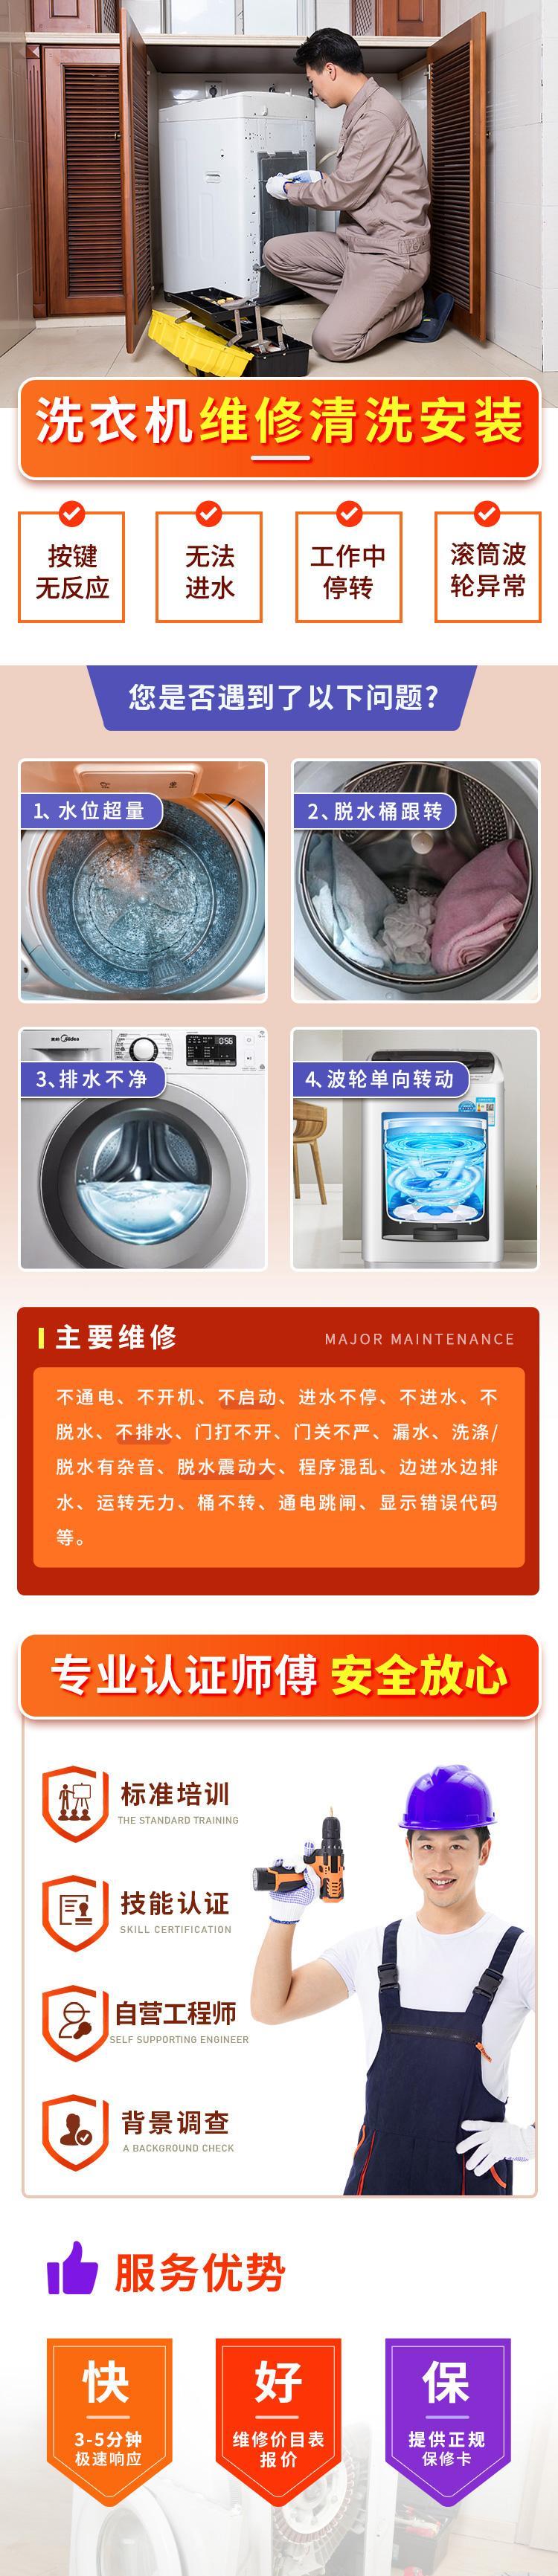 非啄木鳥-洗衣機維修.jpg